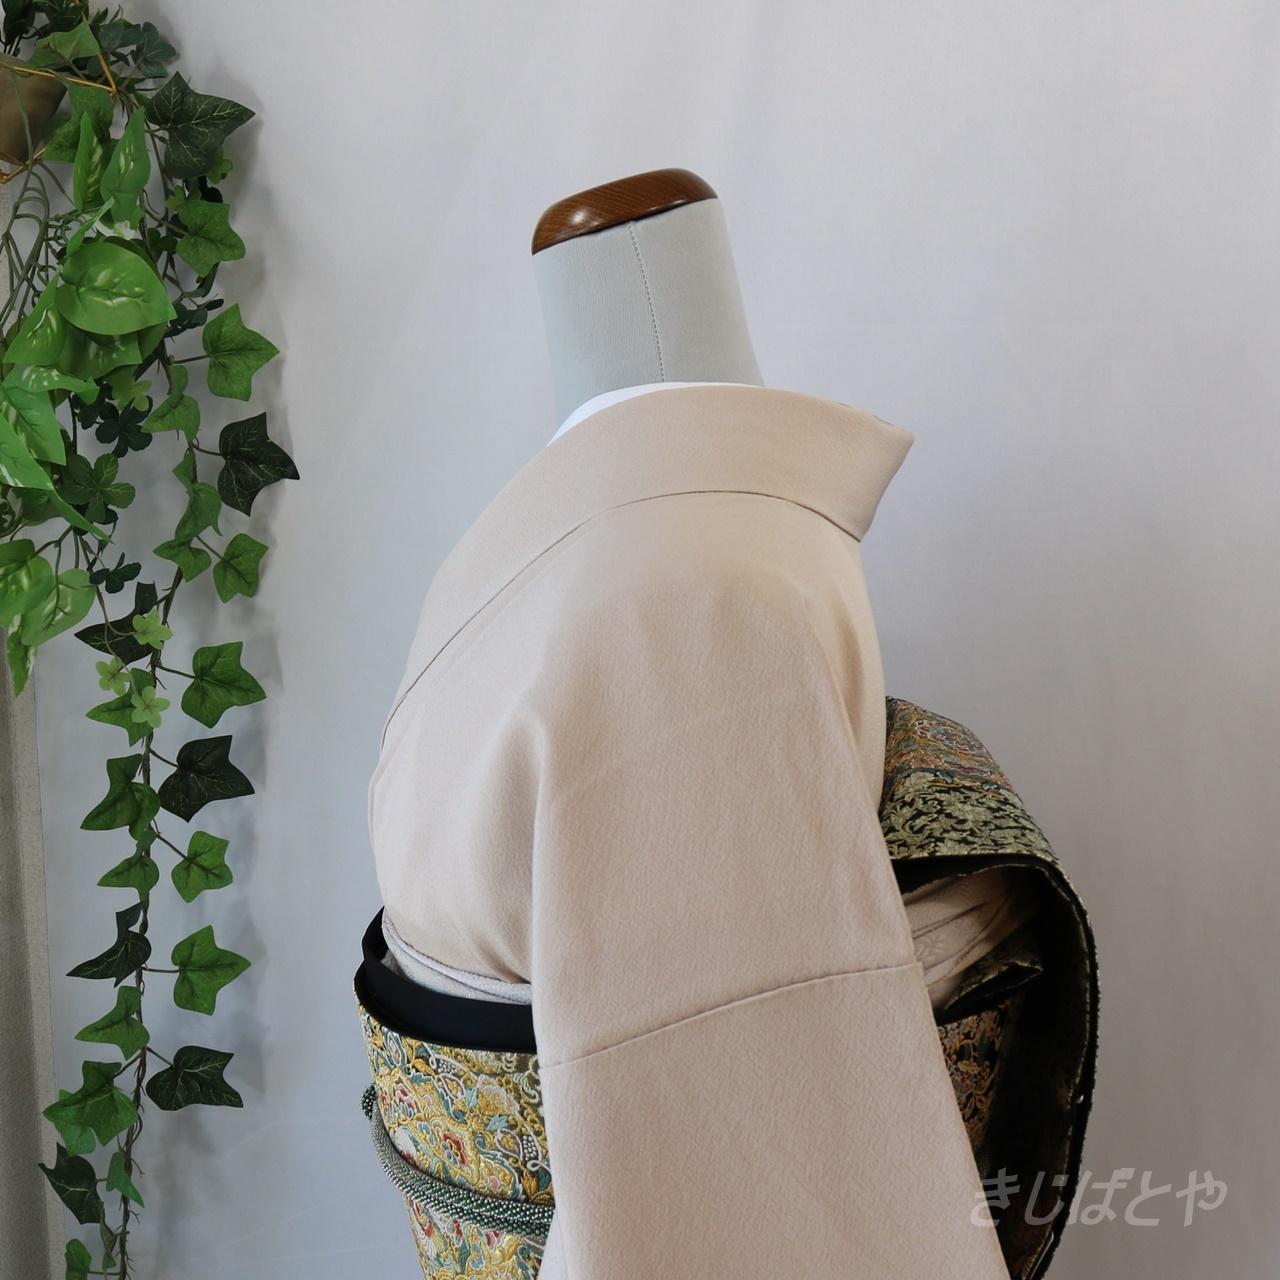 正絹 白茶(しらちゃ)の色無地紋入り 袷 作家物